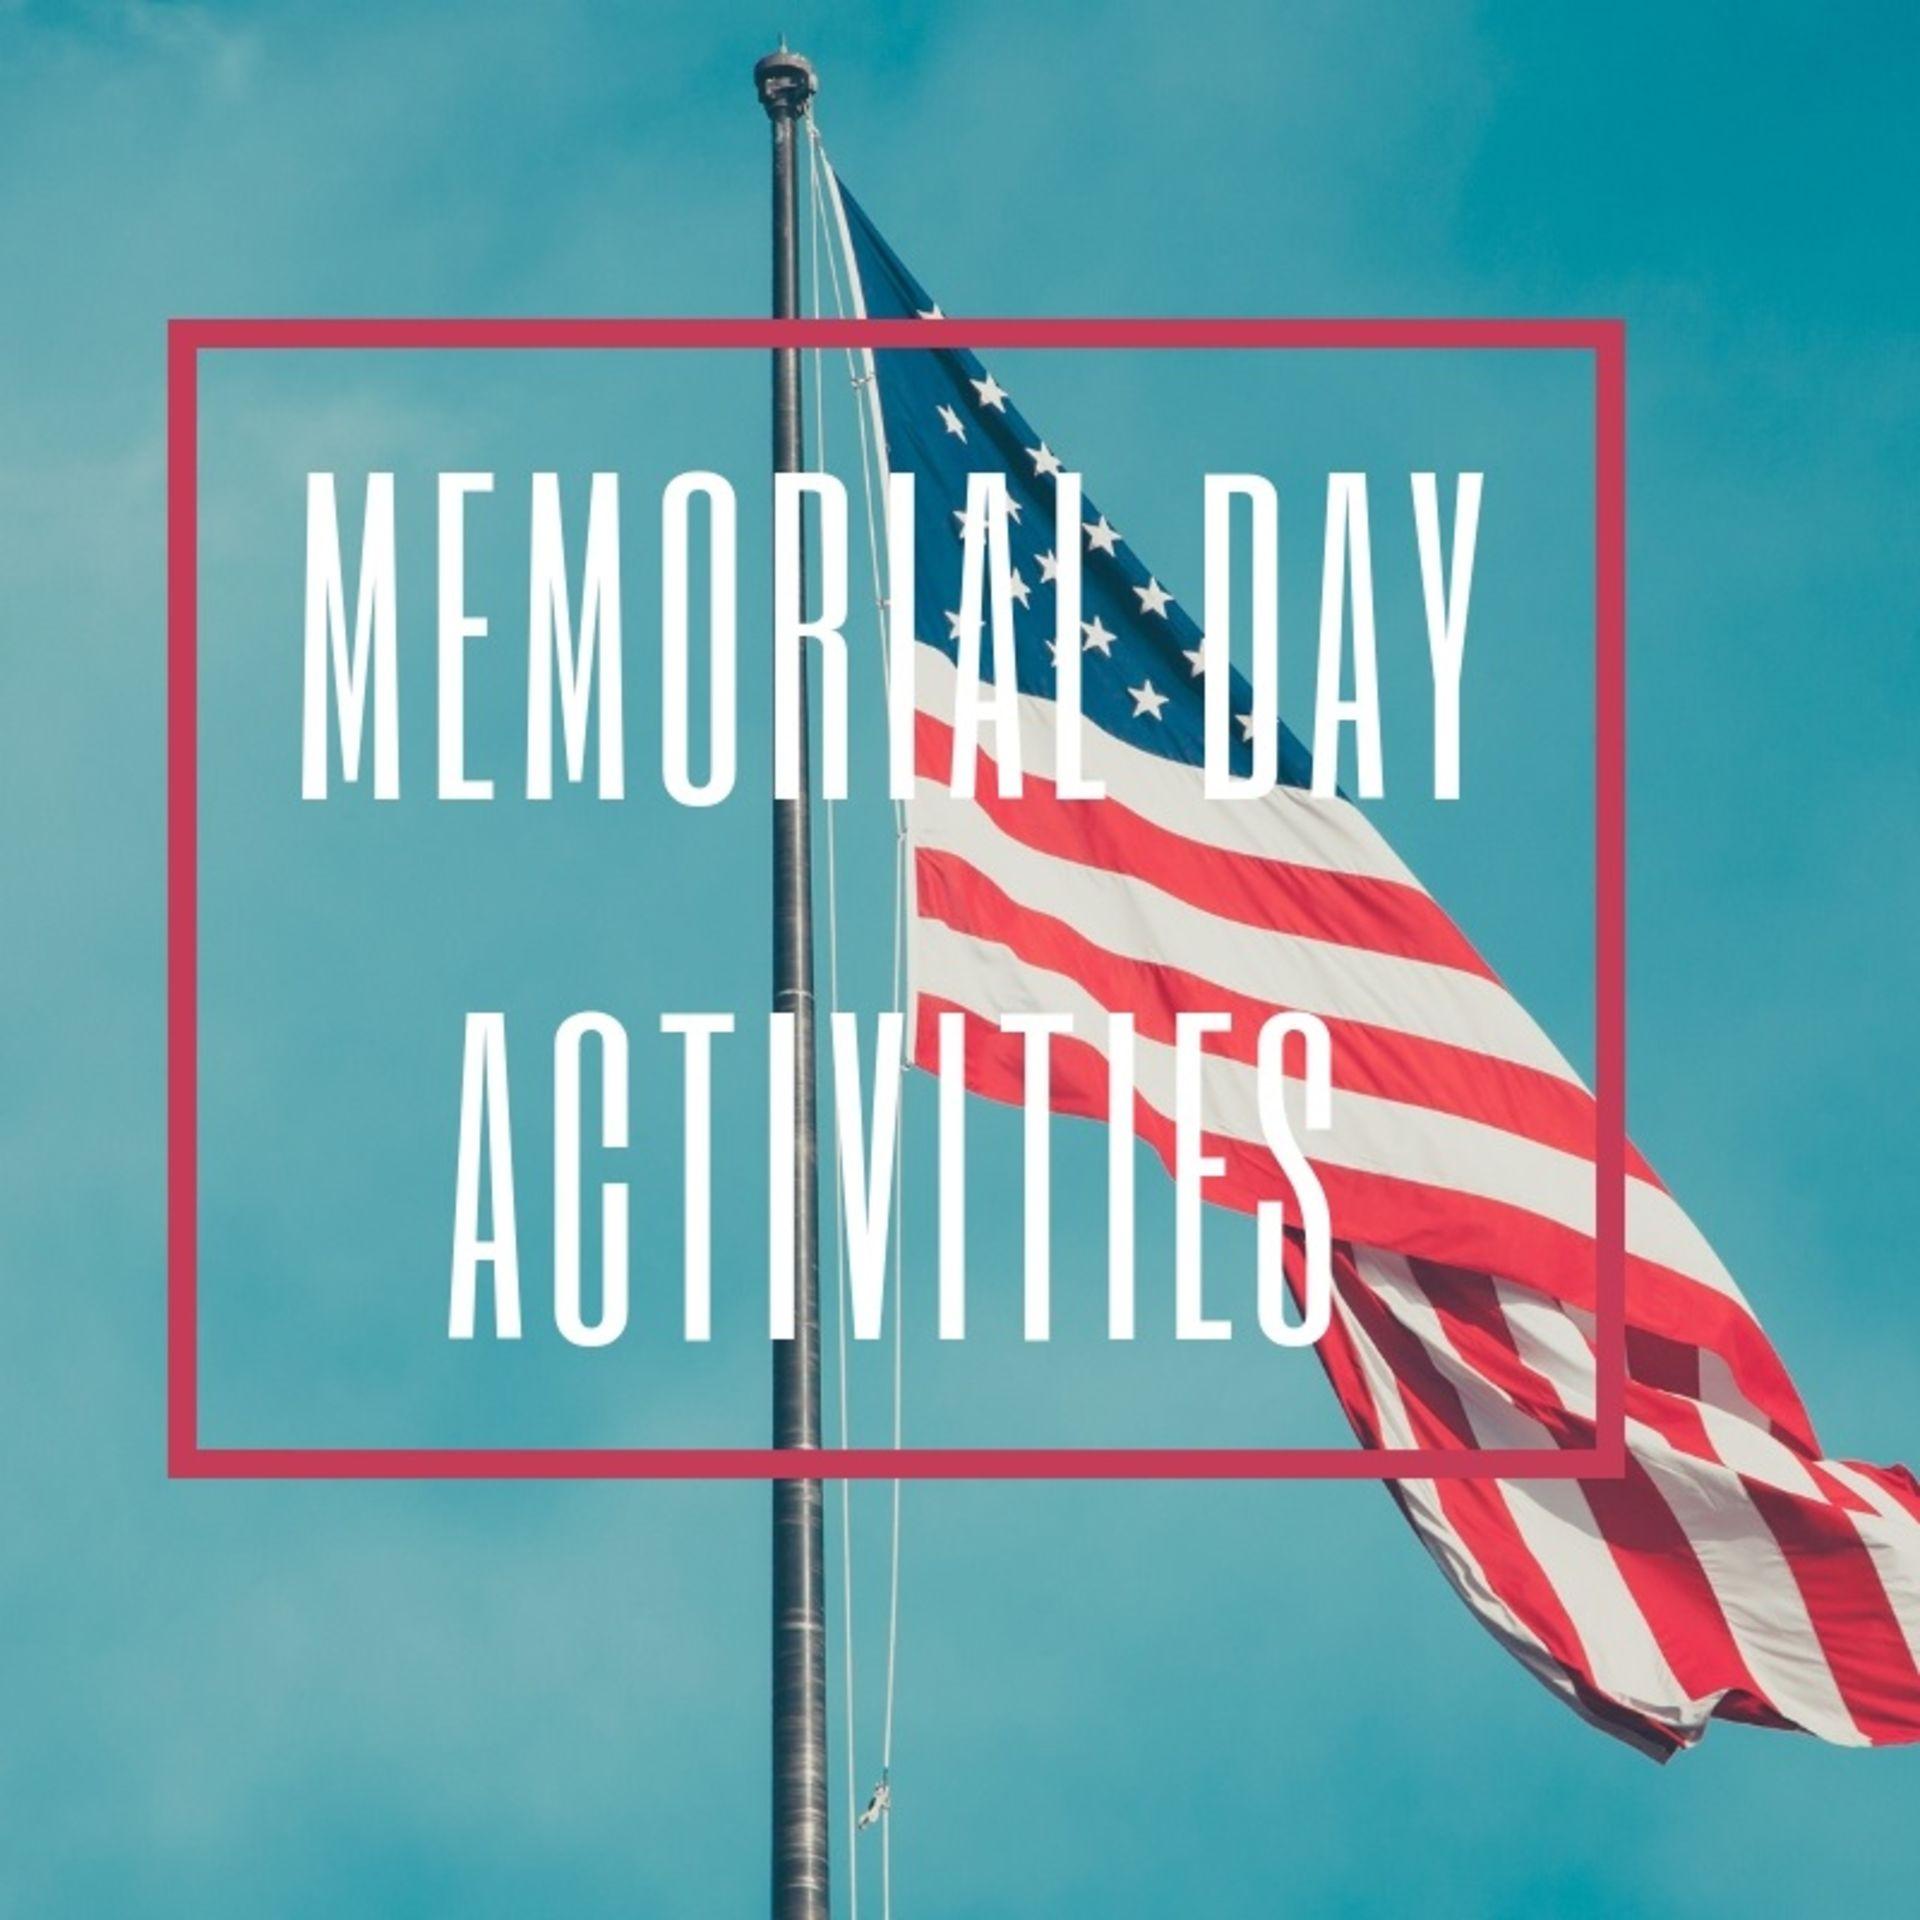 Memorial Day Weekend Activities